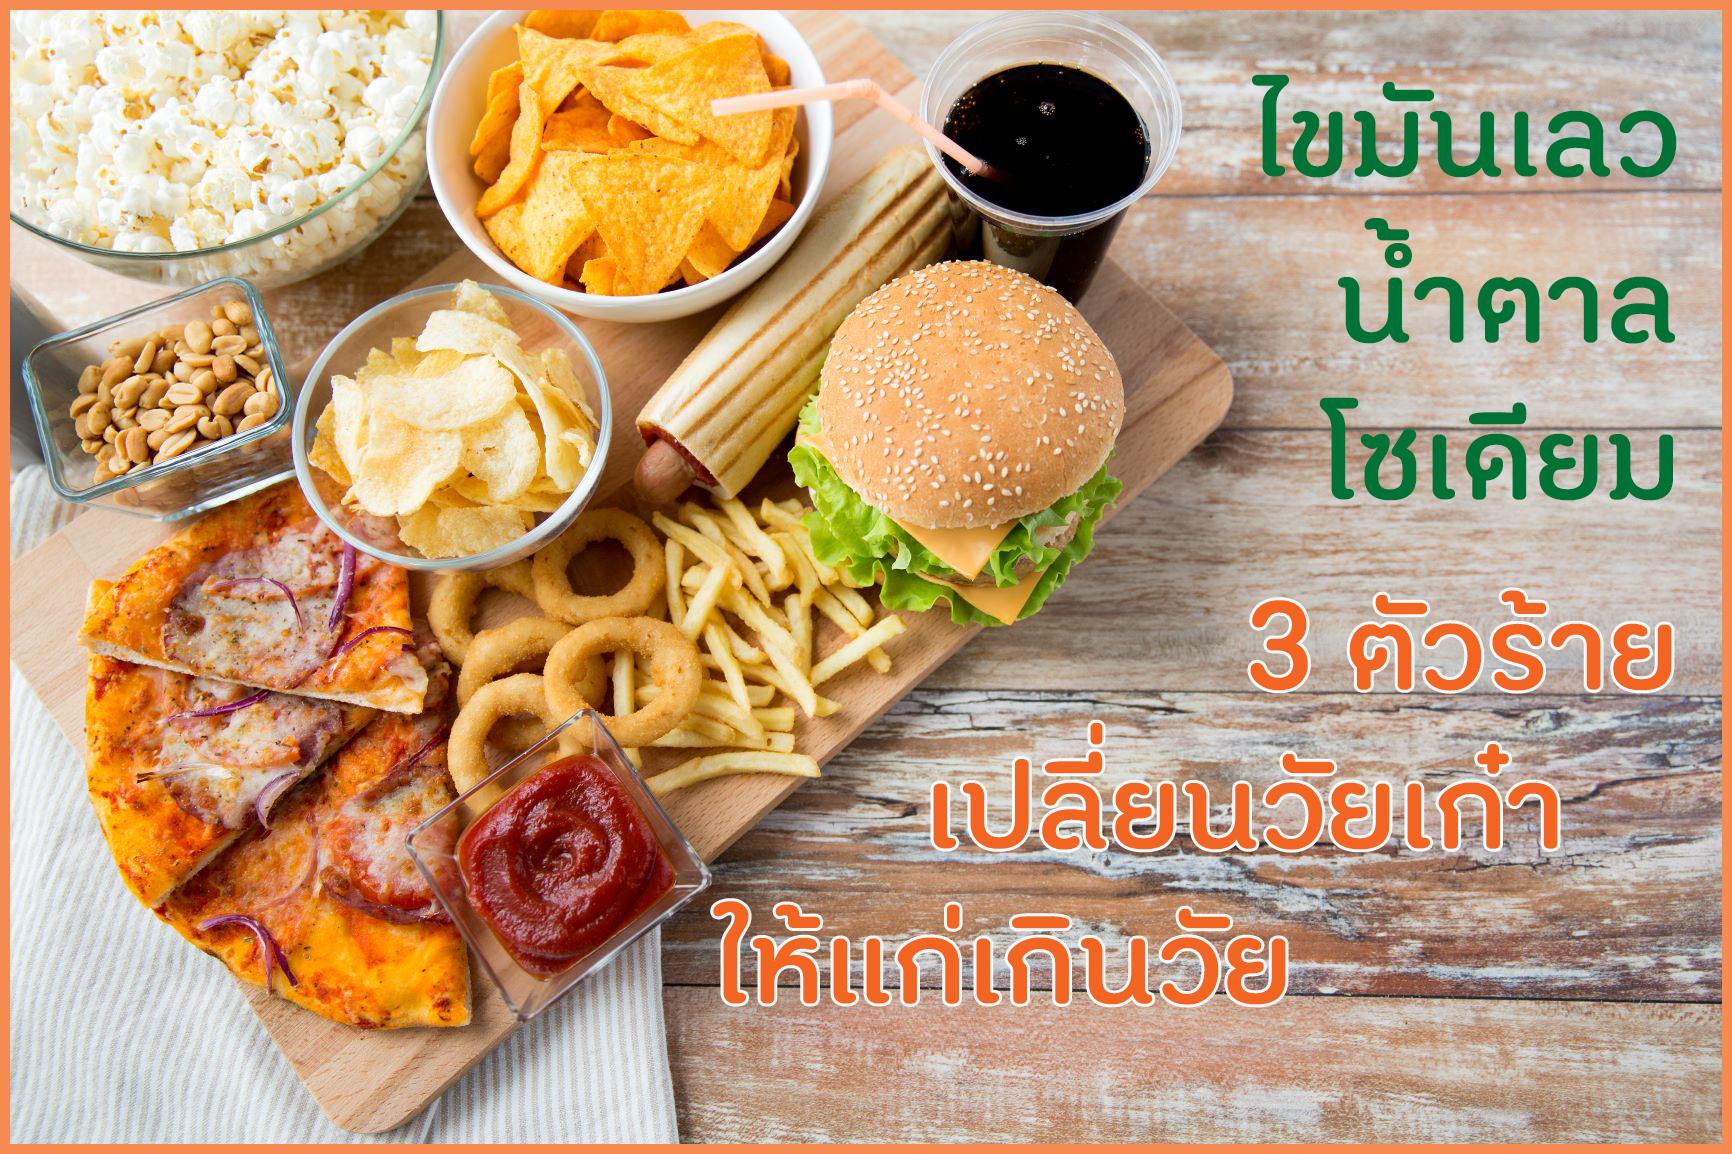 ไขมันเลว น้ำตาล โซเดียม เปลี่ยนวัยเก๋าให้แก่เกินวัย thaihealth